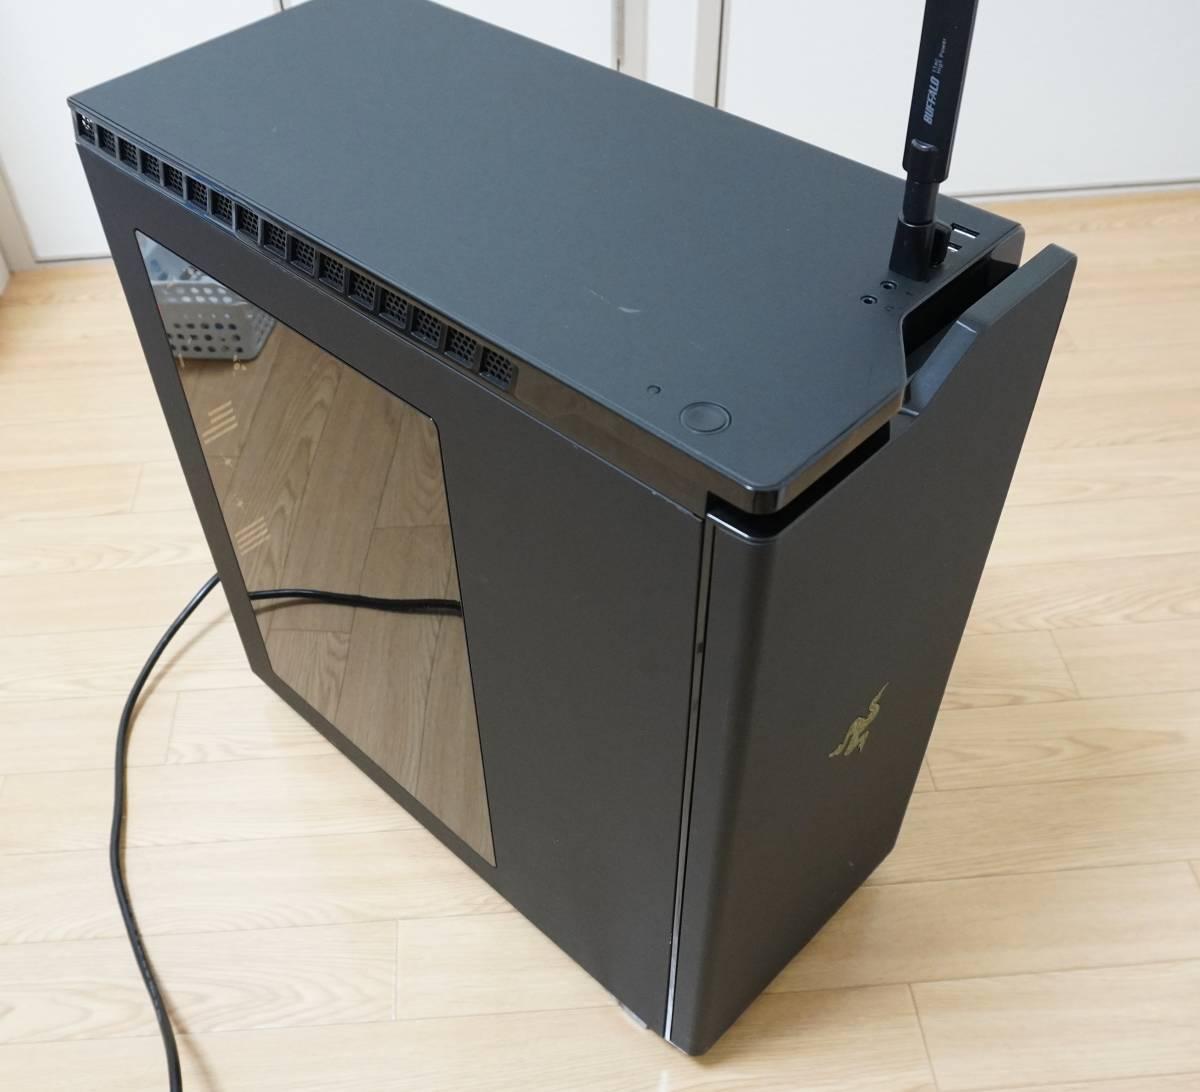 ☆自作PC Razerケース / i7 6700K / SSD 520GB + HDD 3TG / メモリ32G / GTX980 4GB / 750W